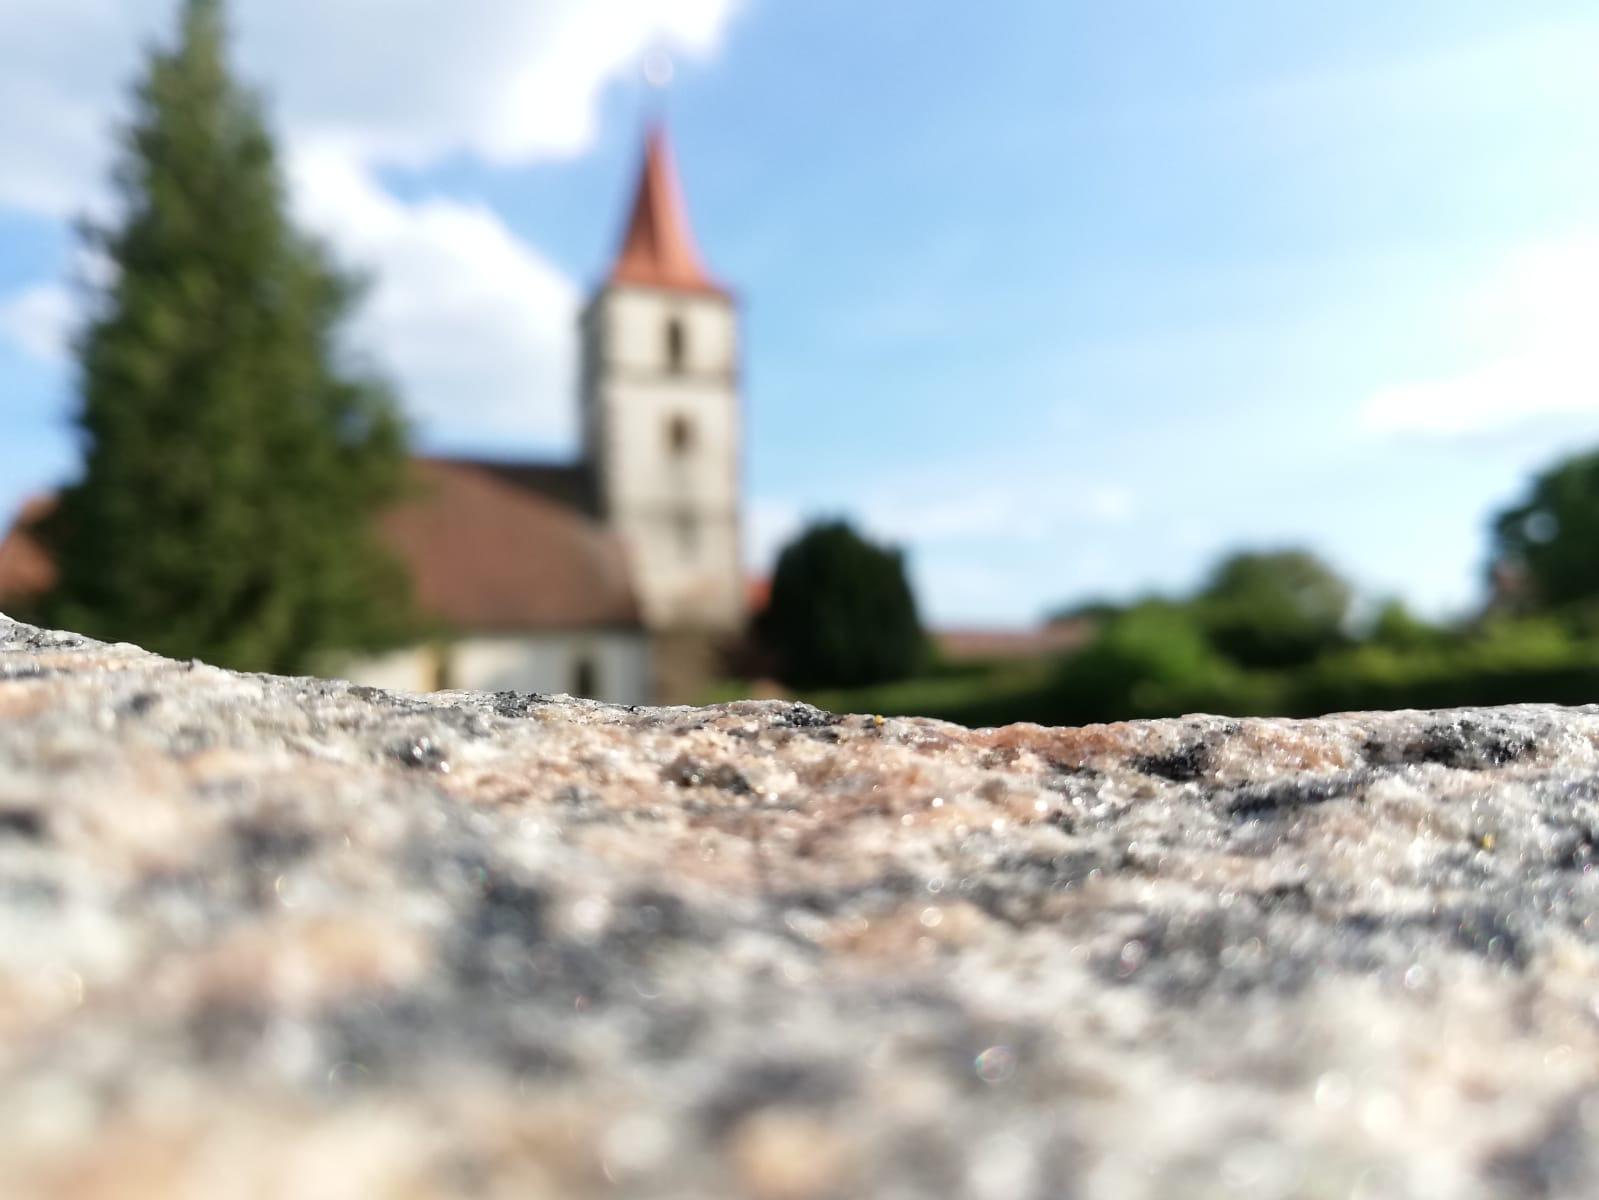 #KircheZuhause - Video vom Gottesdienst am 14.02.2021 in Steinach / Ens